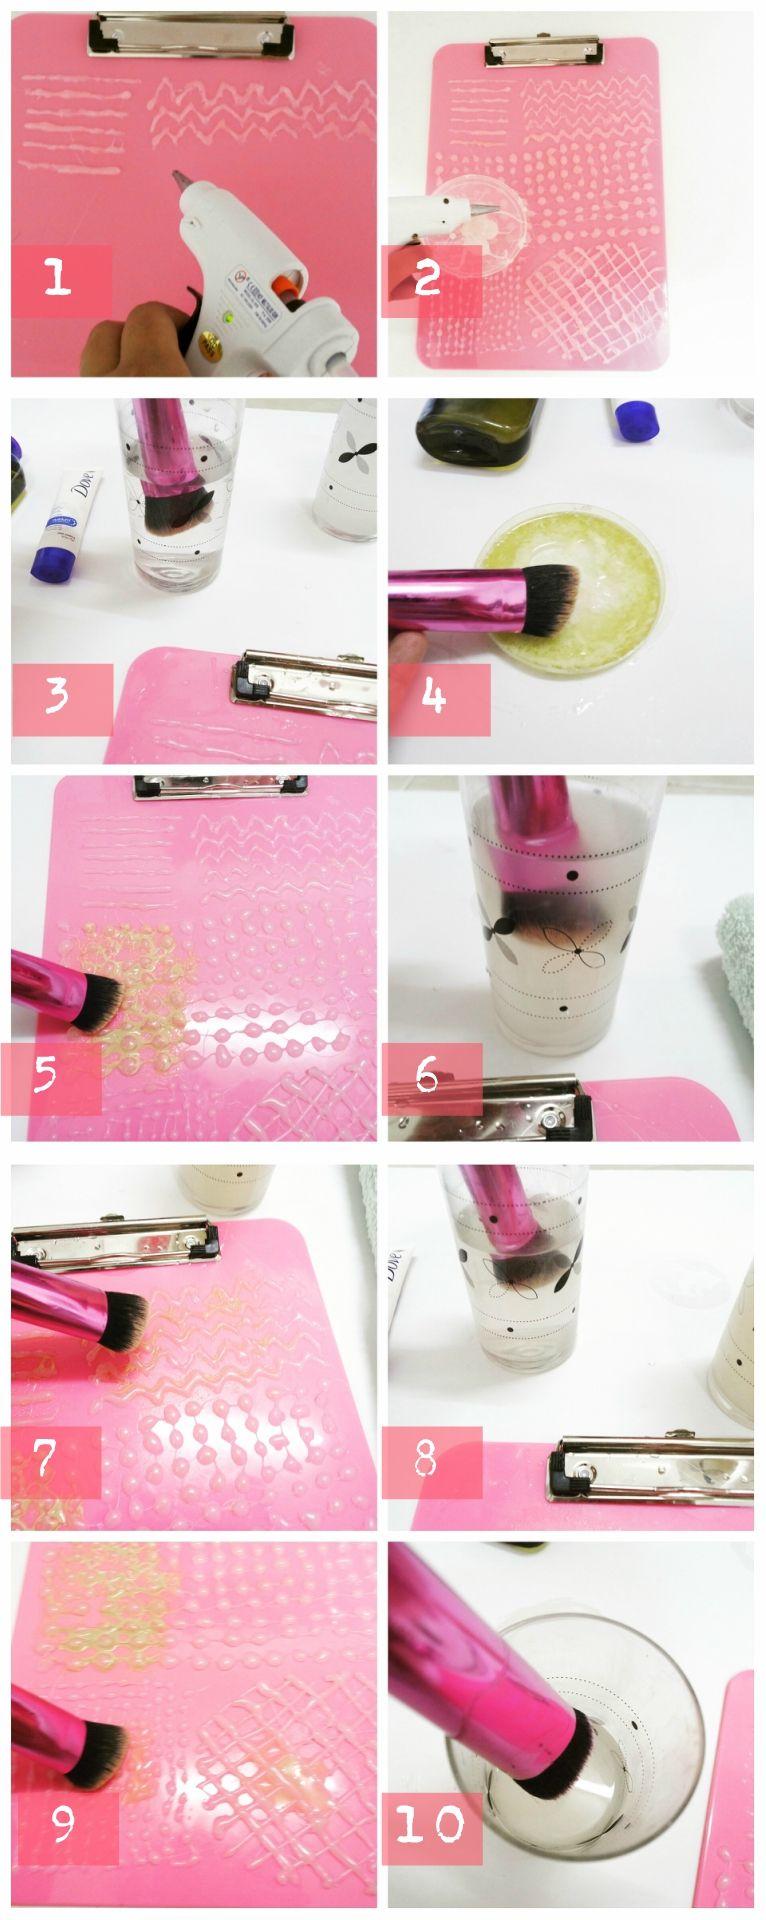 DIY BRUSH CLEANSING TUTORIALS Diy makeup brush, Diy